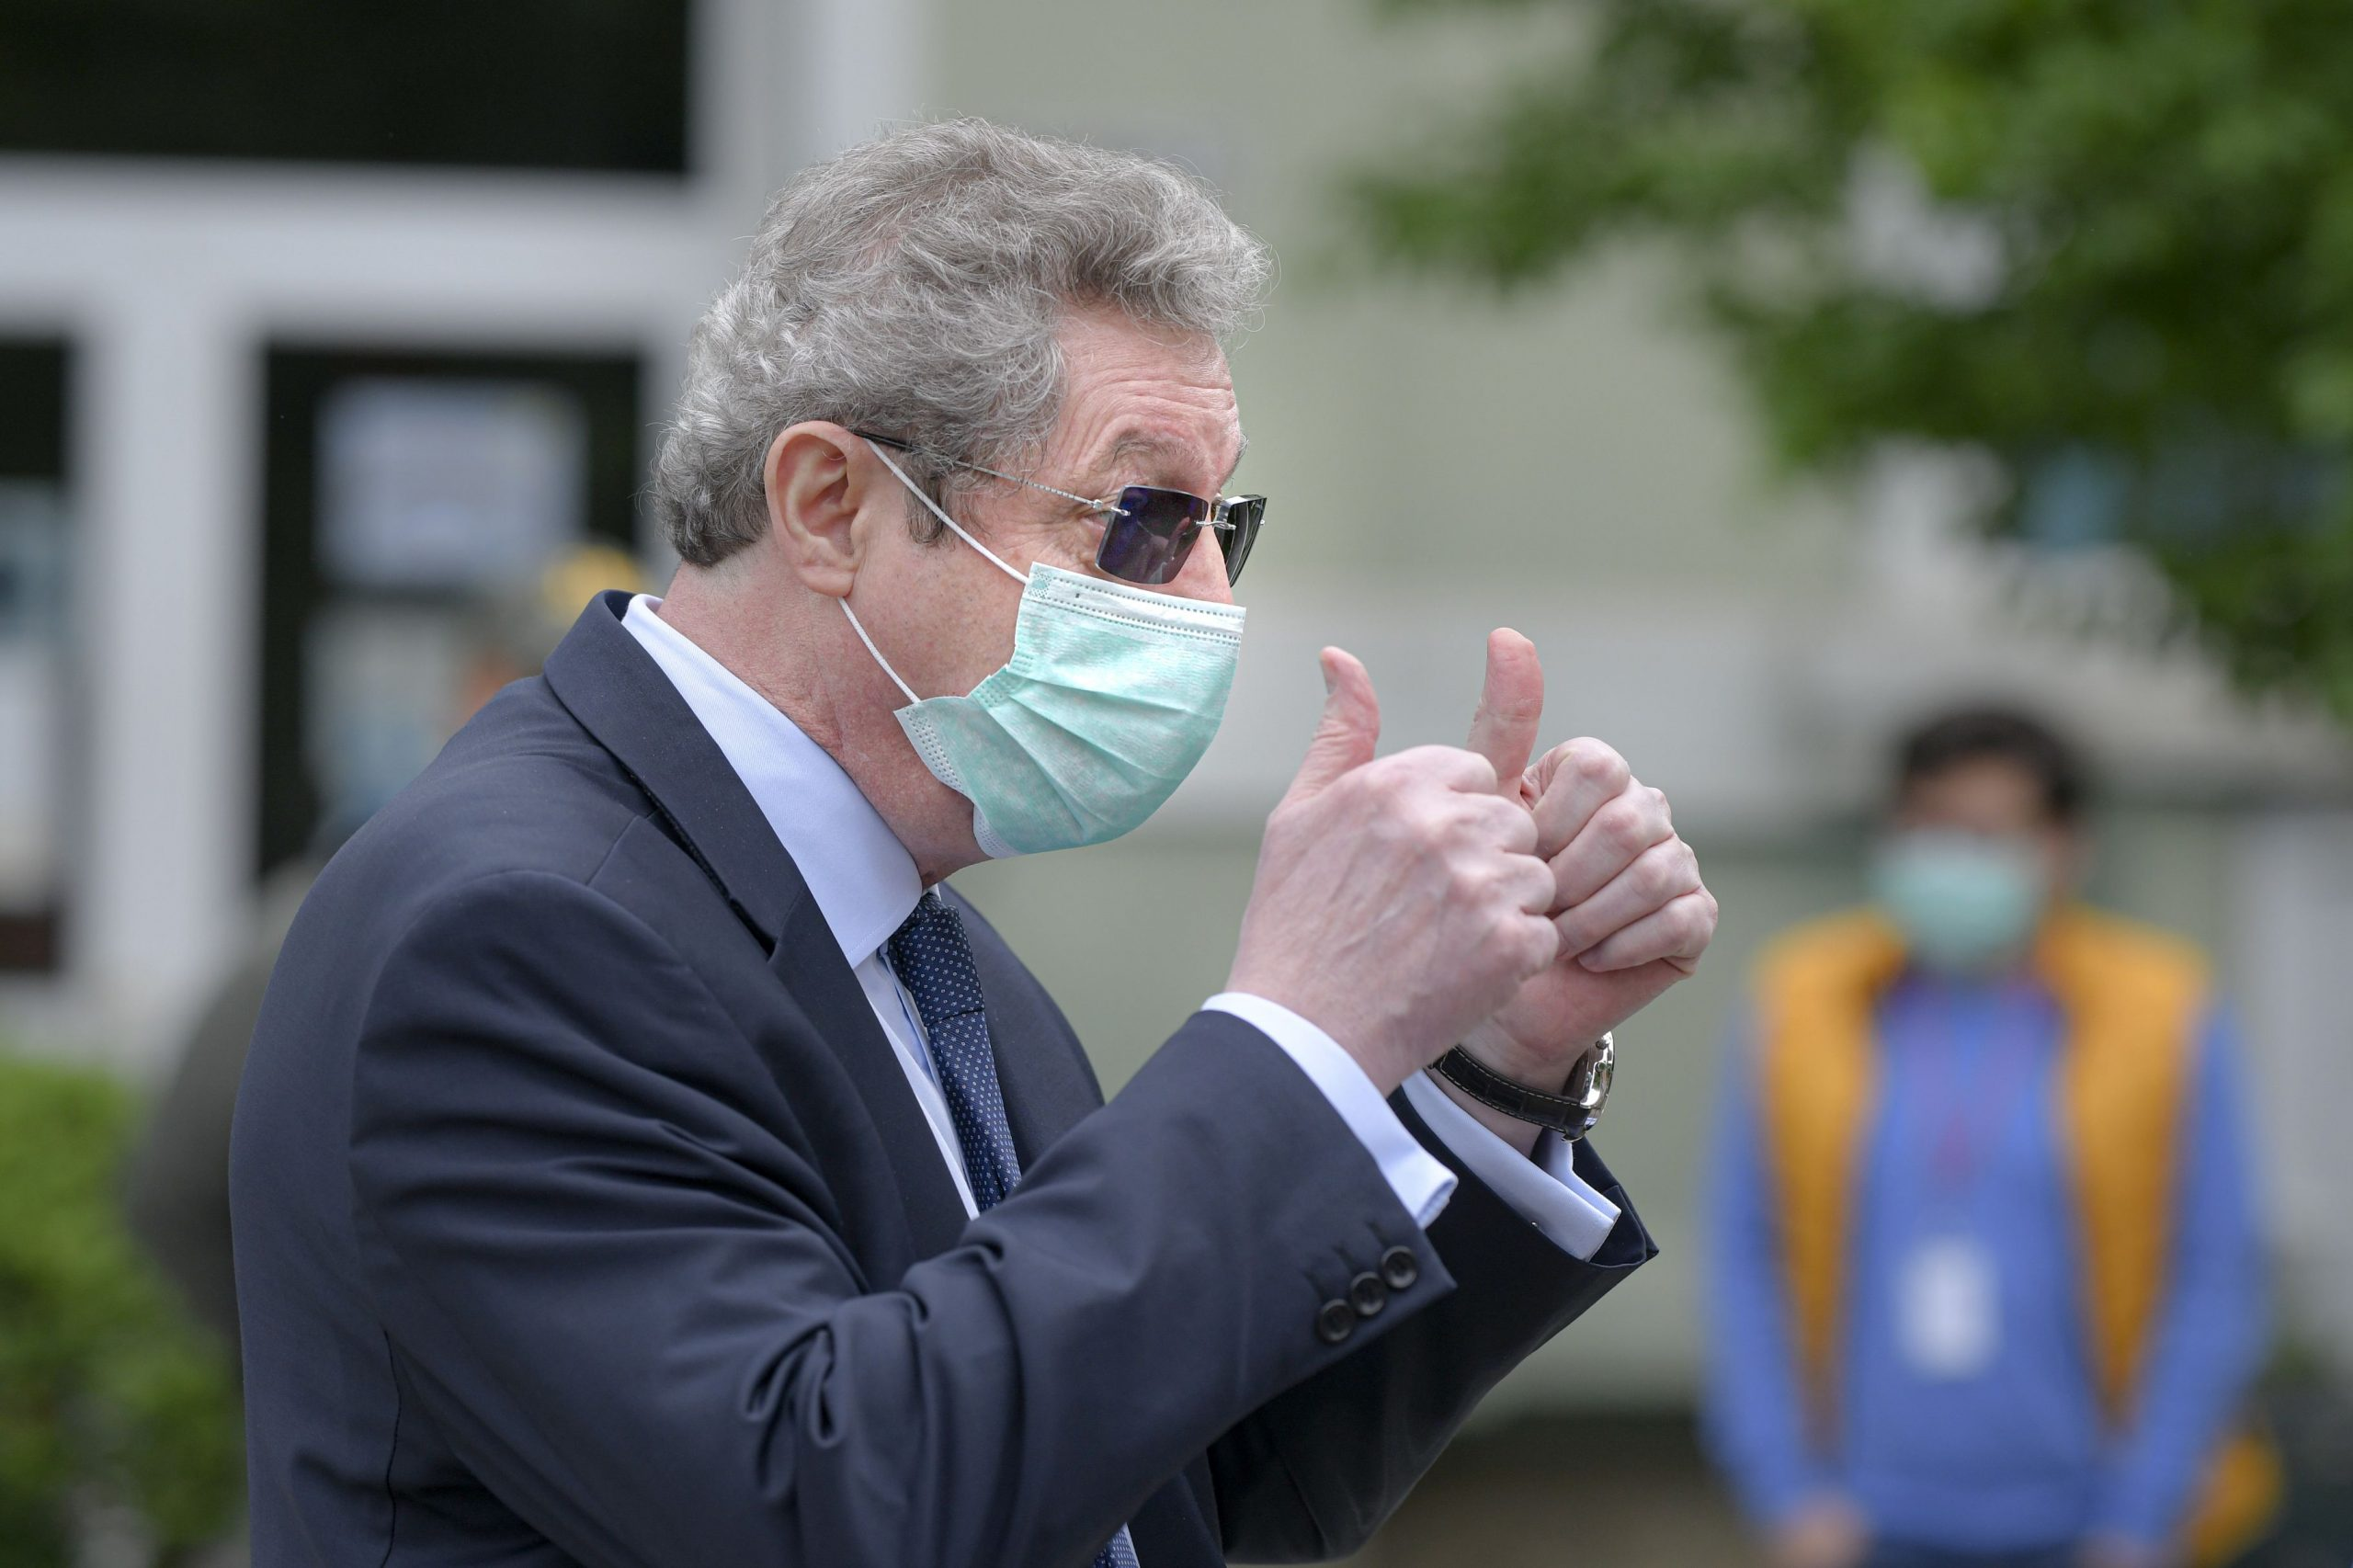 Masca de protecție poate scădea numărul de infectări. Anunțul făcut de Streinu-Cercel